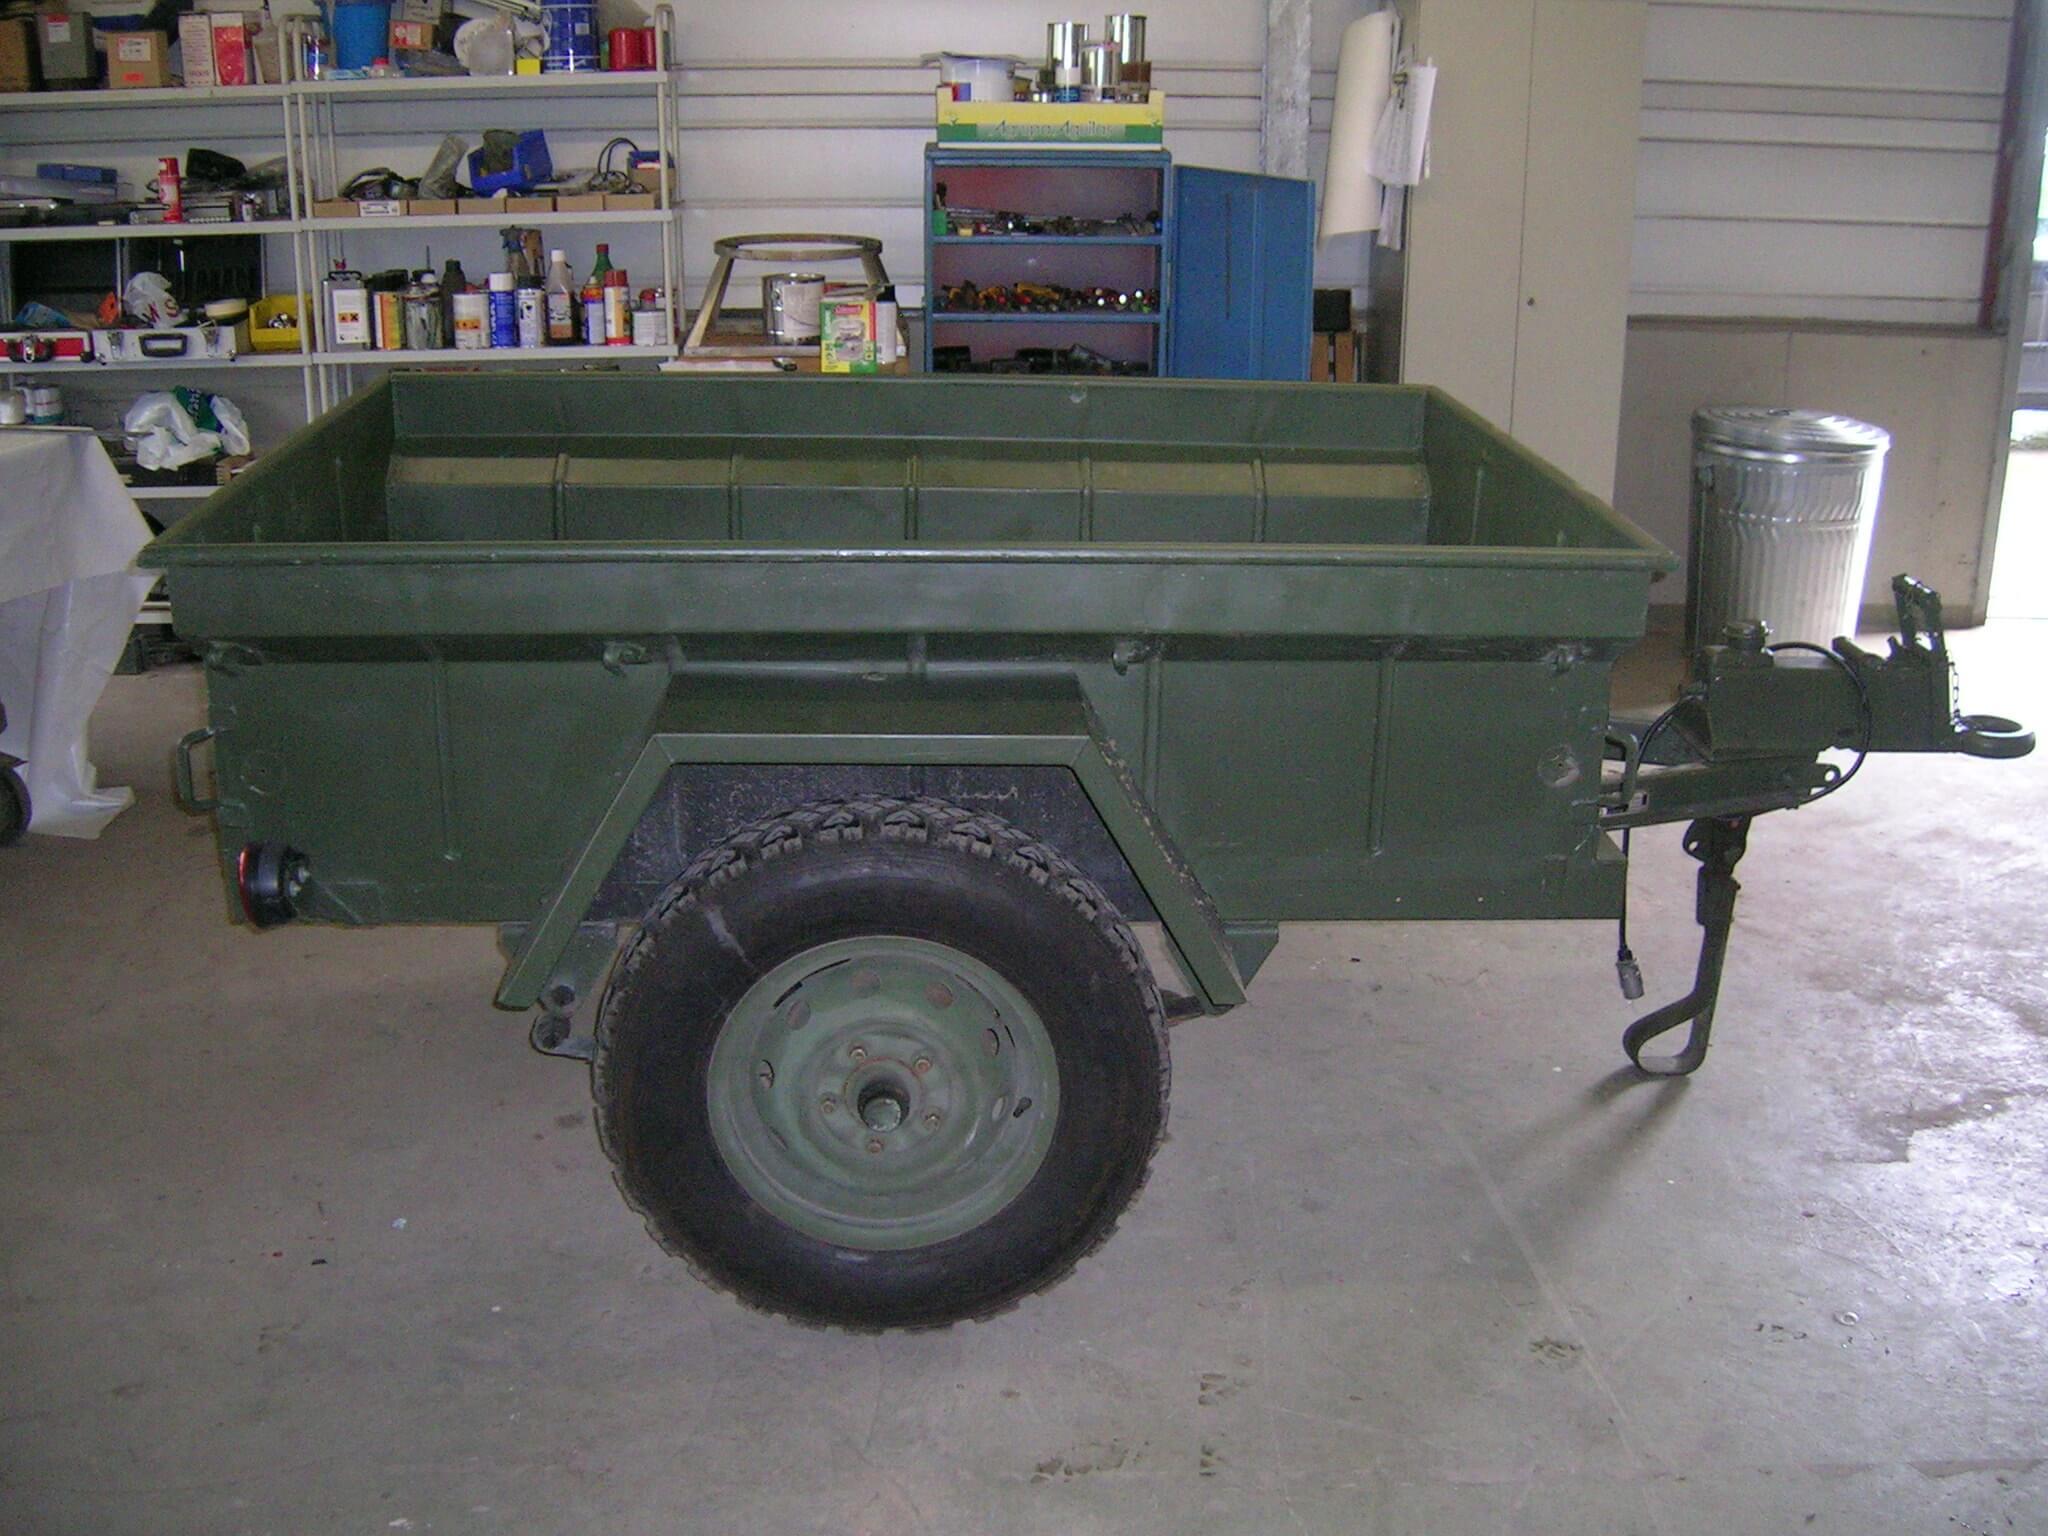 Anhänger für einen M151 A2 Ford Mutt US Army Jeep